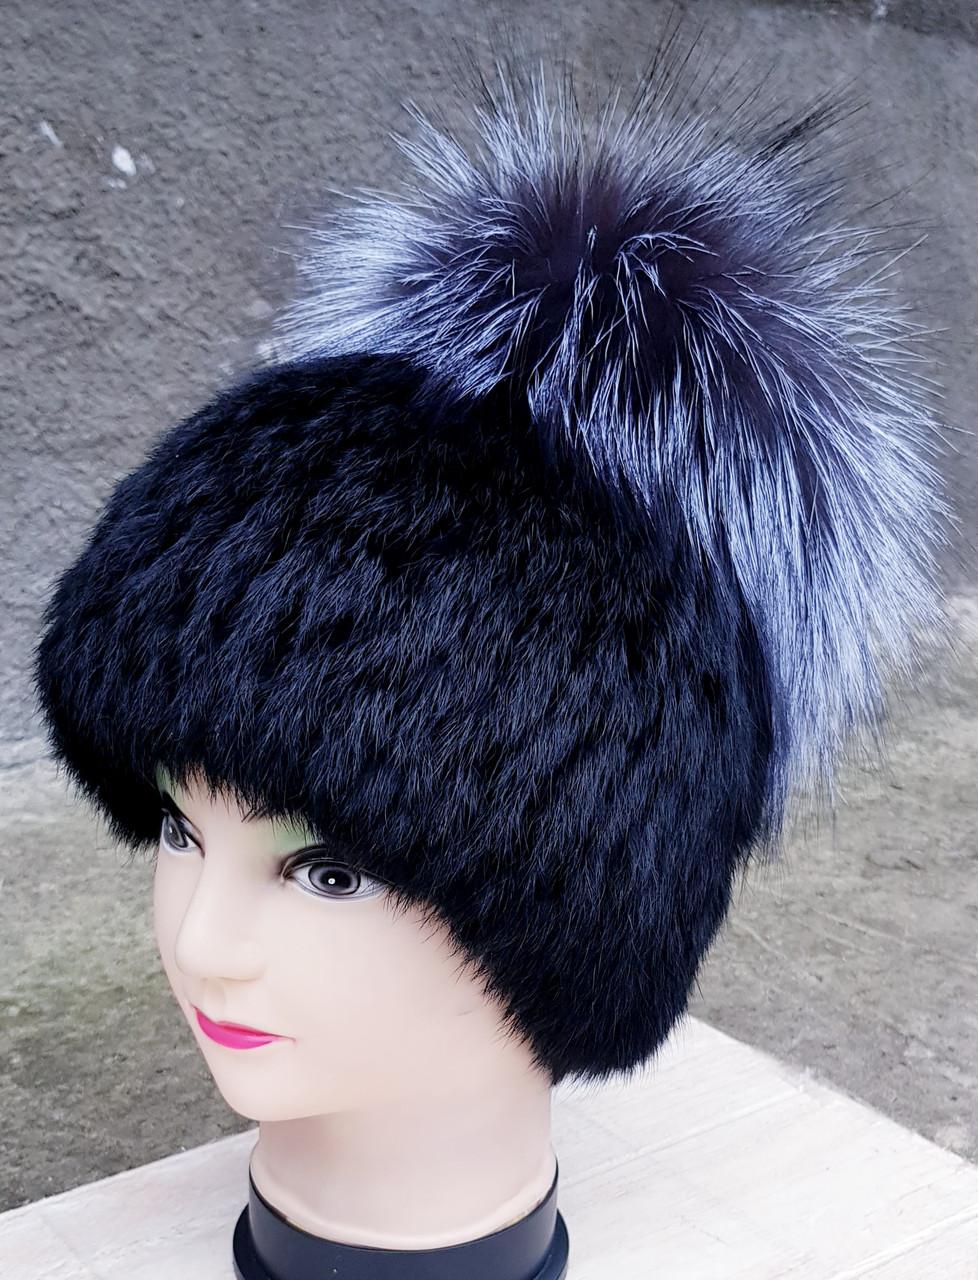 Женская меховая шапка Klaus Маркиза Кубанка Кролик с Бубоном из Чернобурки 55-58 Чёрный (18/145)